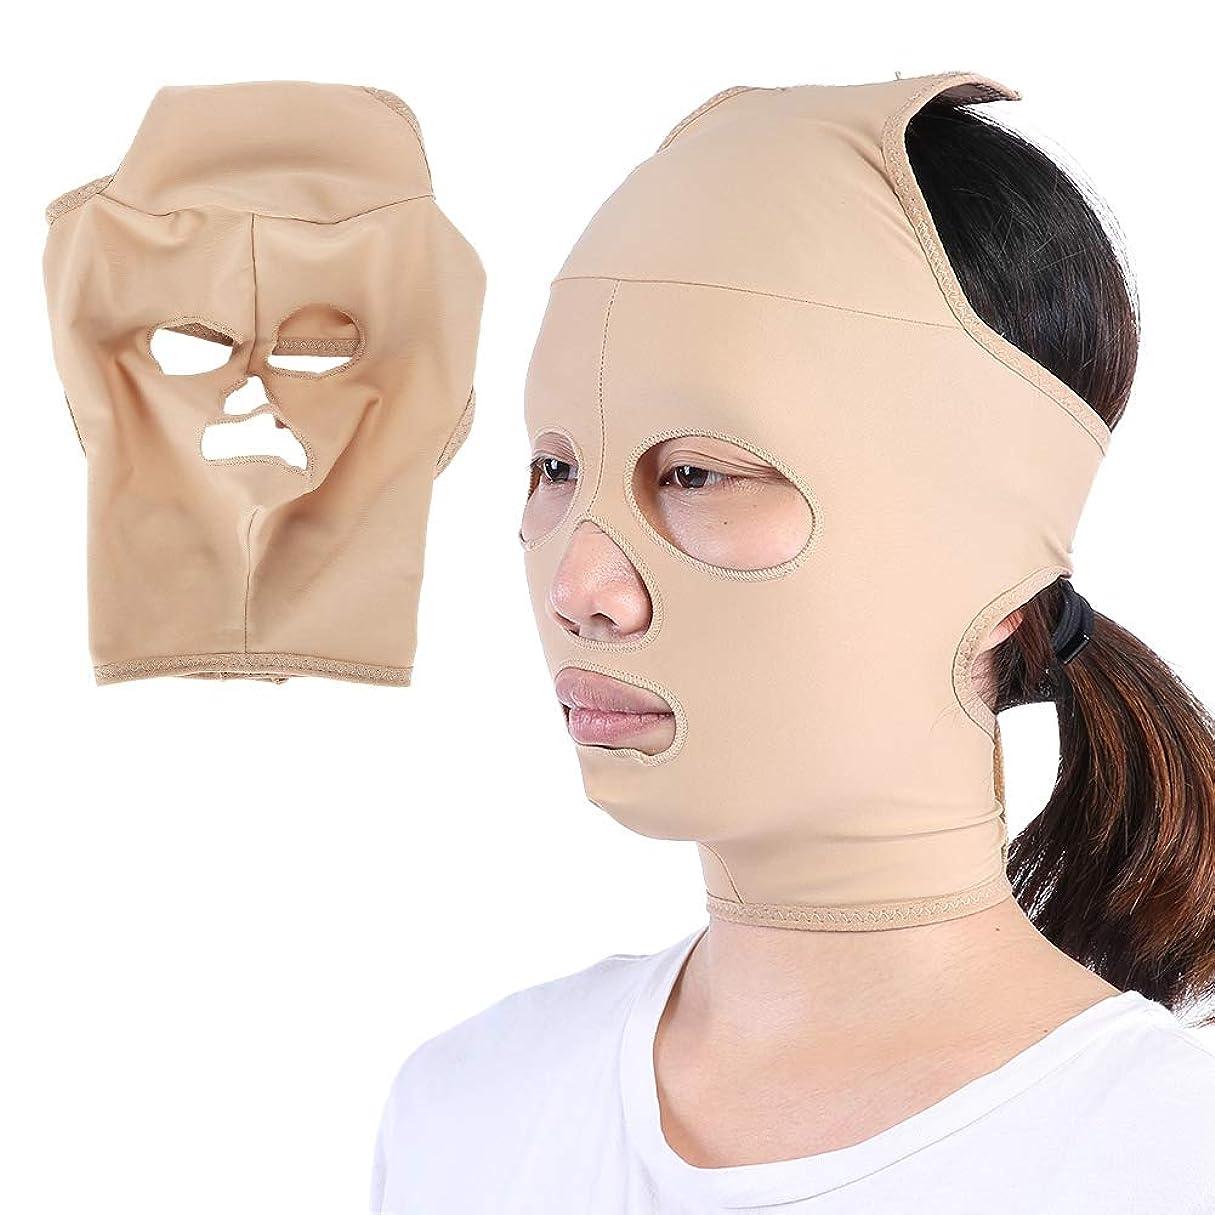 必要遺棄されたエスカレート顔の减量のベルト、完全なカバレッジ 顔のVラインを向上させる 二重顎を減らす二重顎、スキンケア包帯(S)